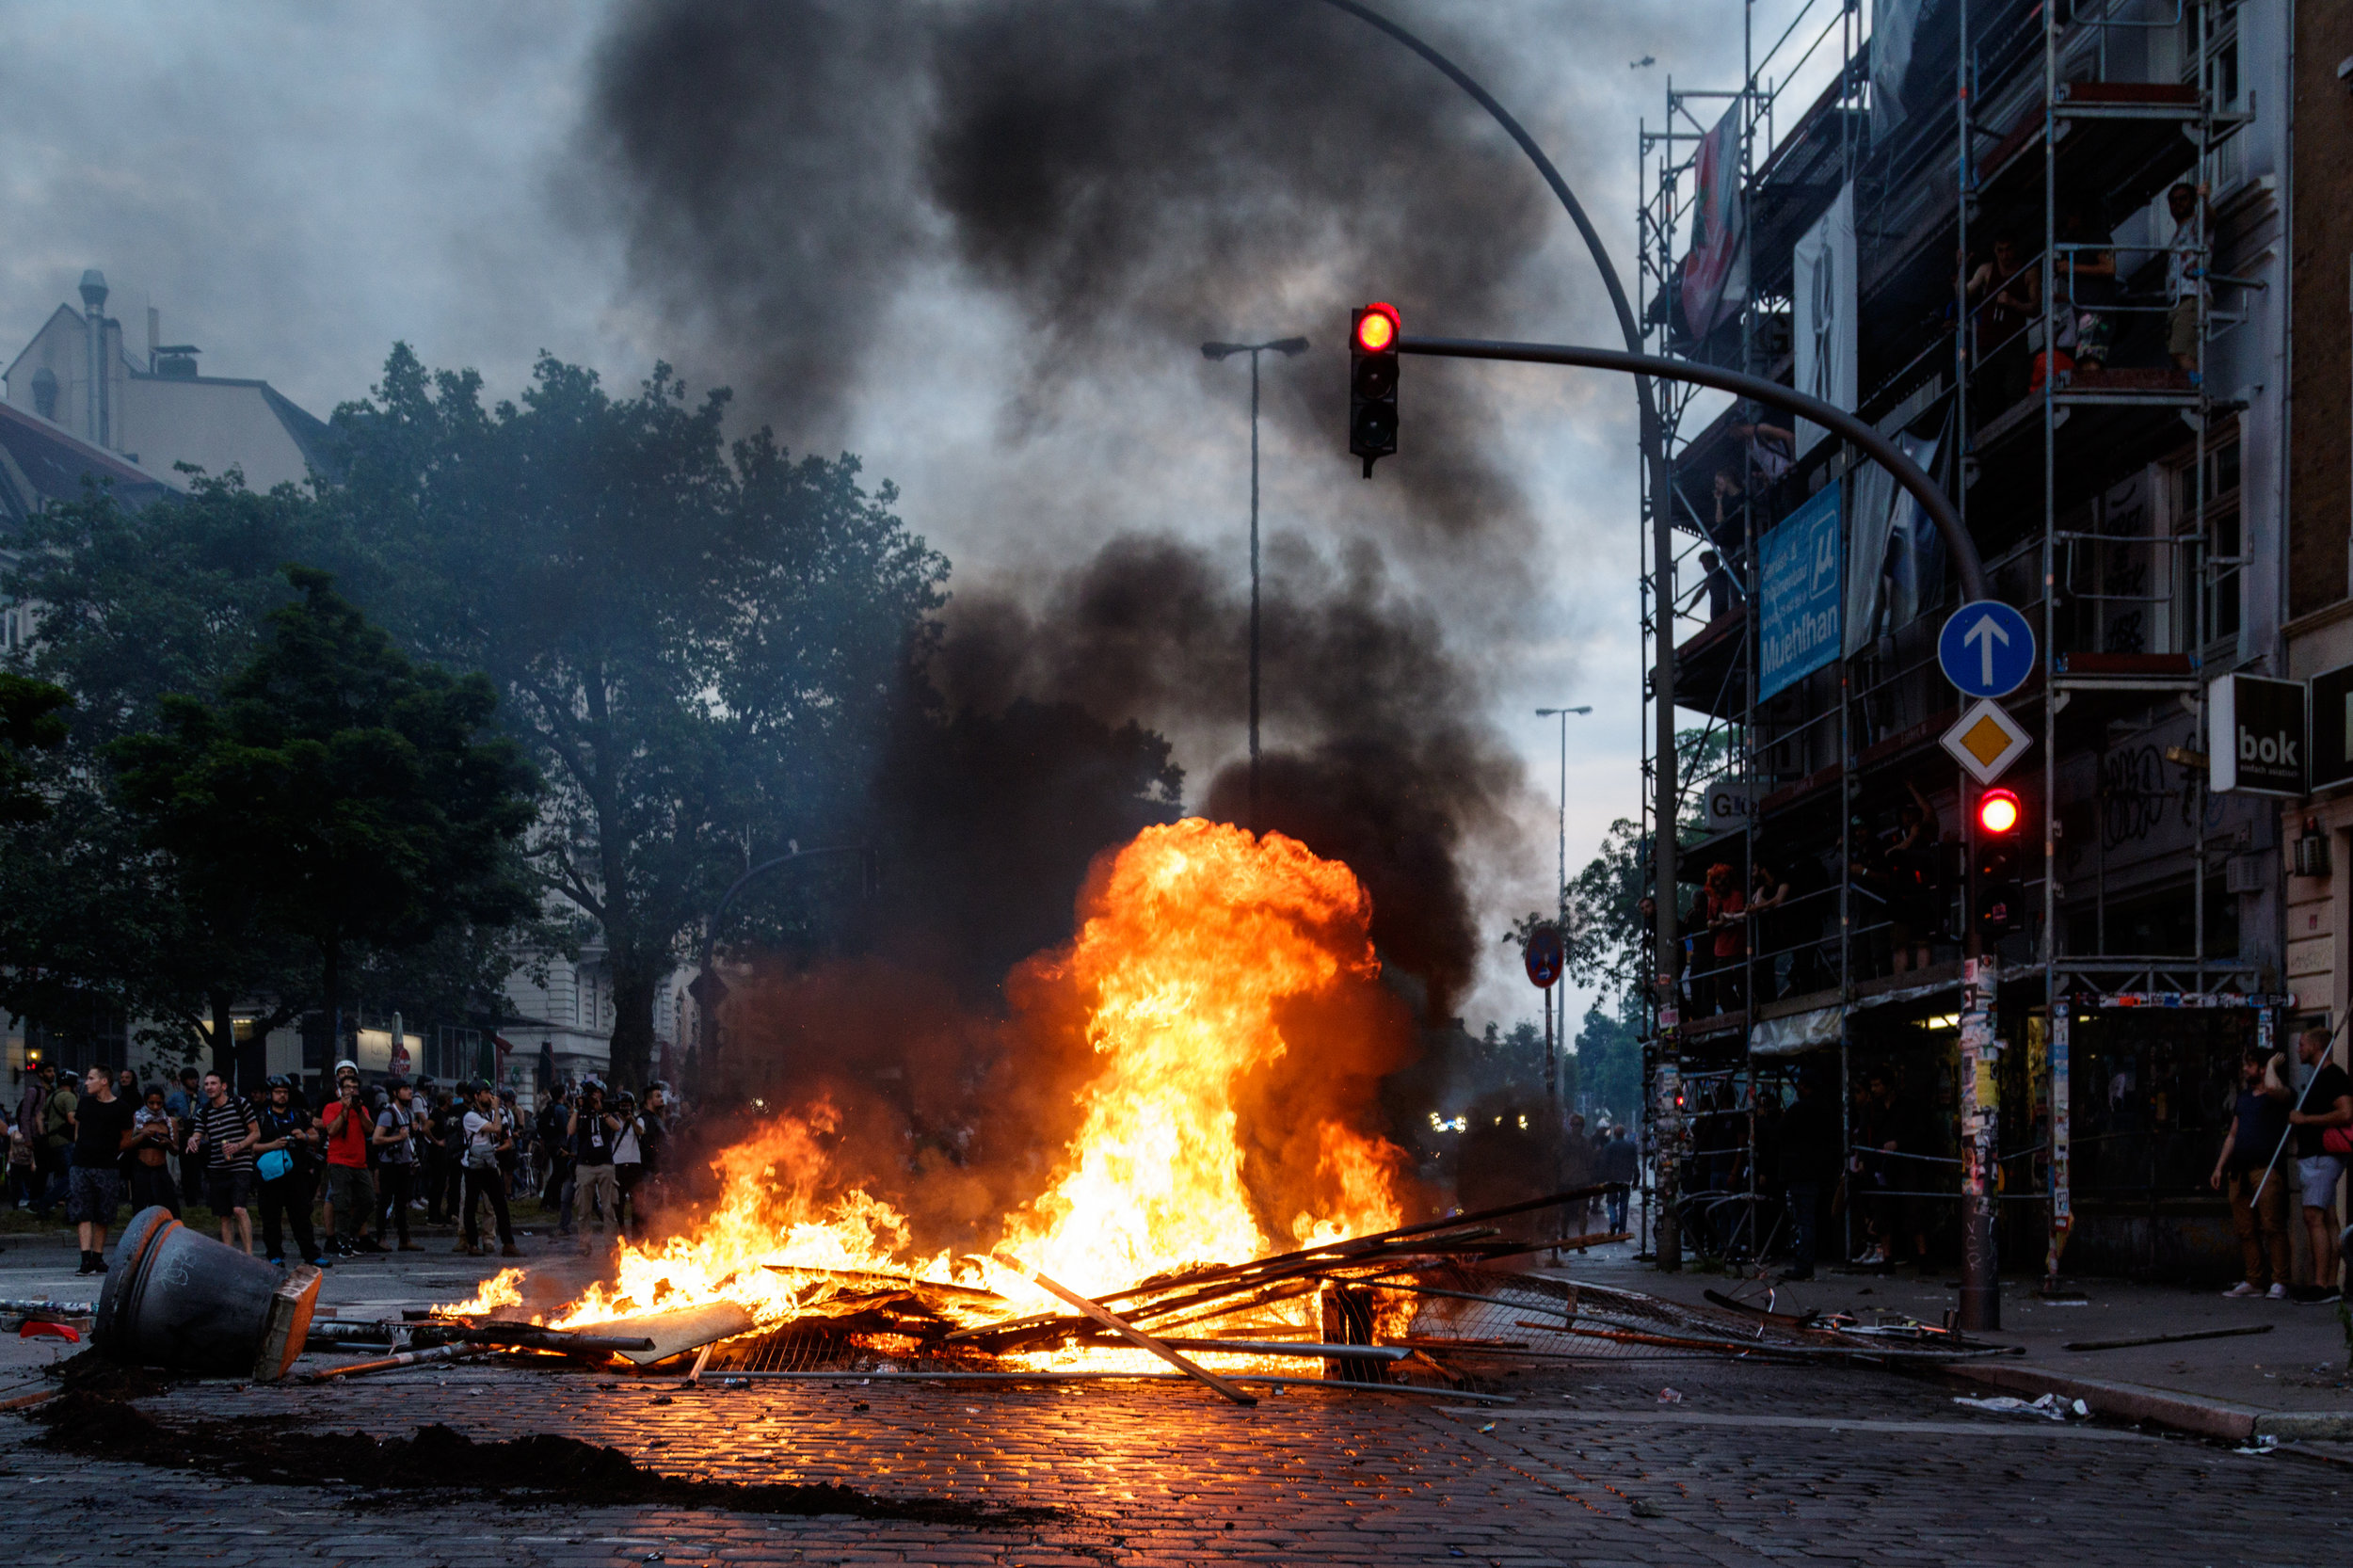 Brennende Barrikade.jpg